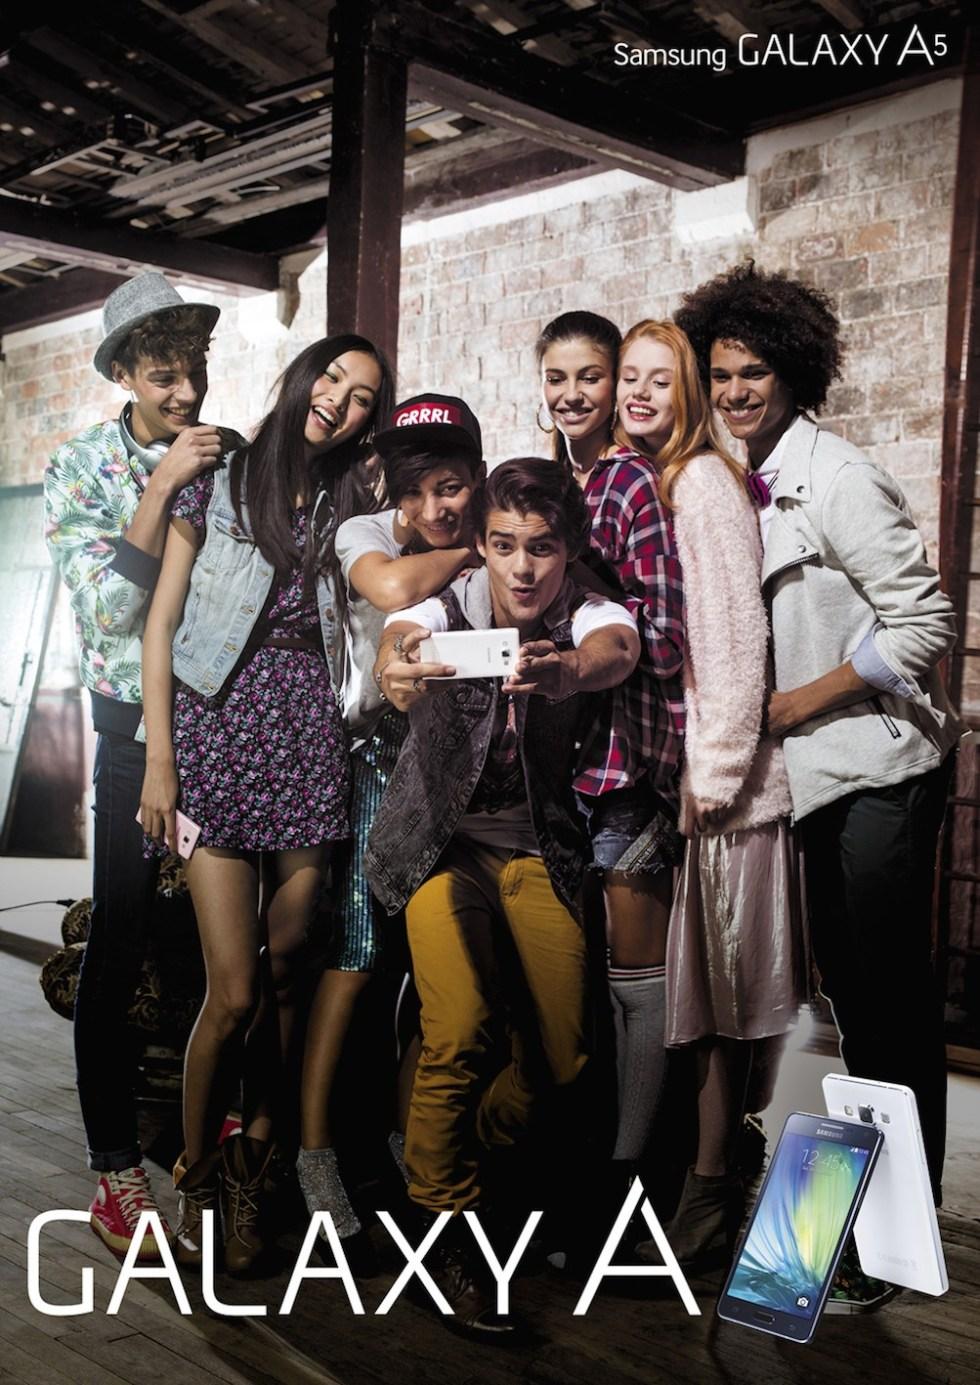 GALAXY A camara selfie grupal colombia disponibilidad